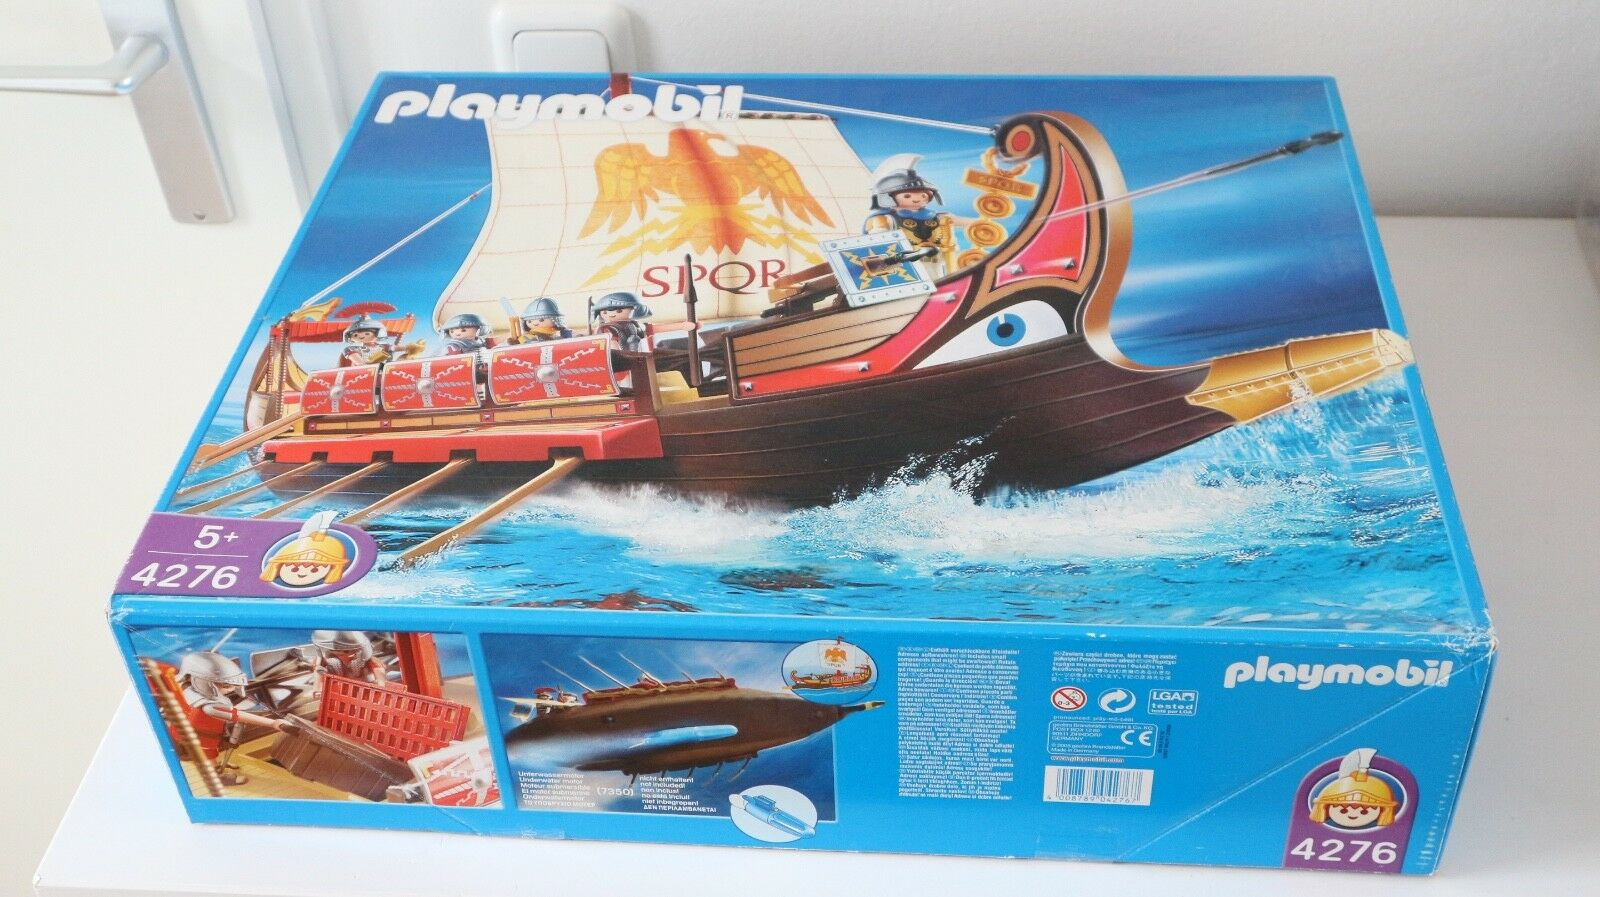 Playmobil 4276 setnr. Römer, Romains, Romains, romeinene, Romanos, romains